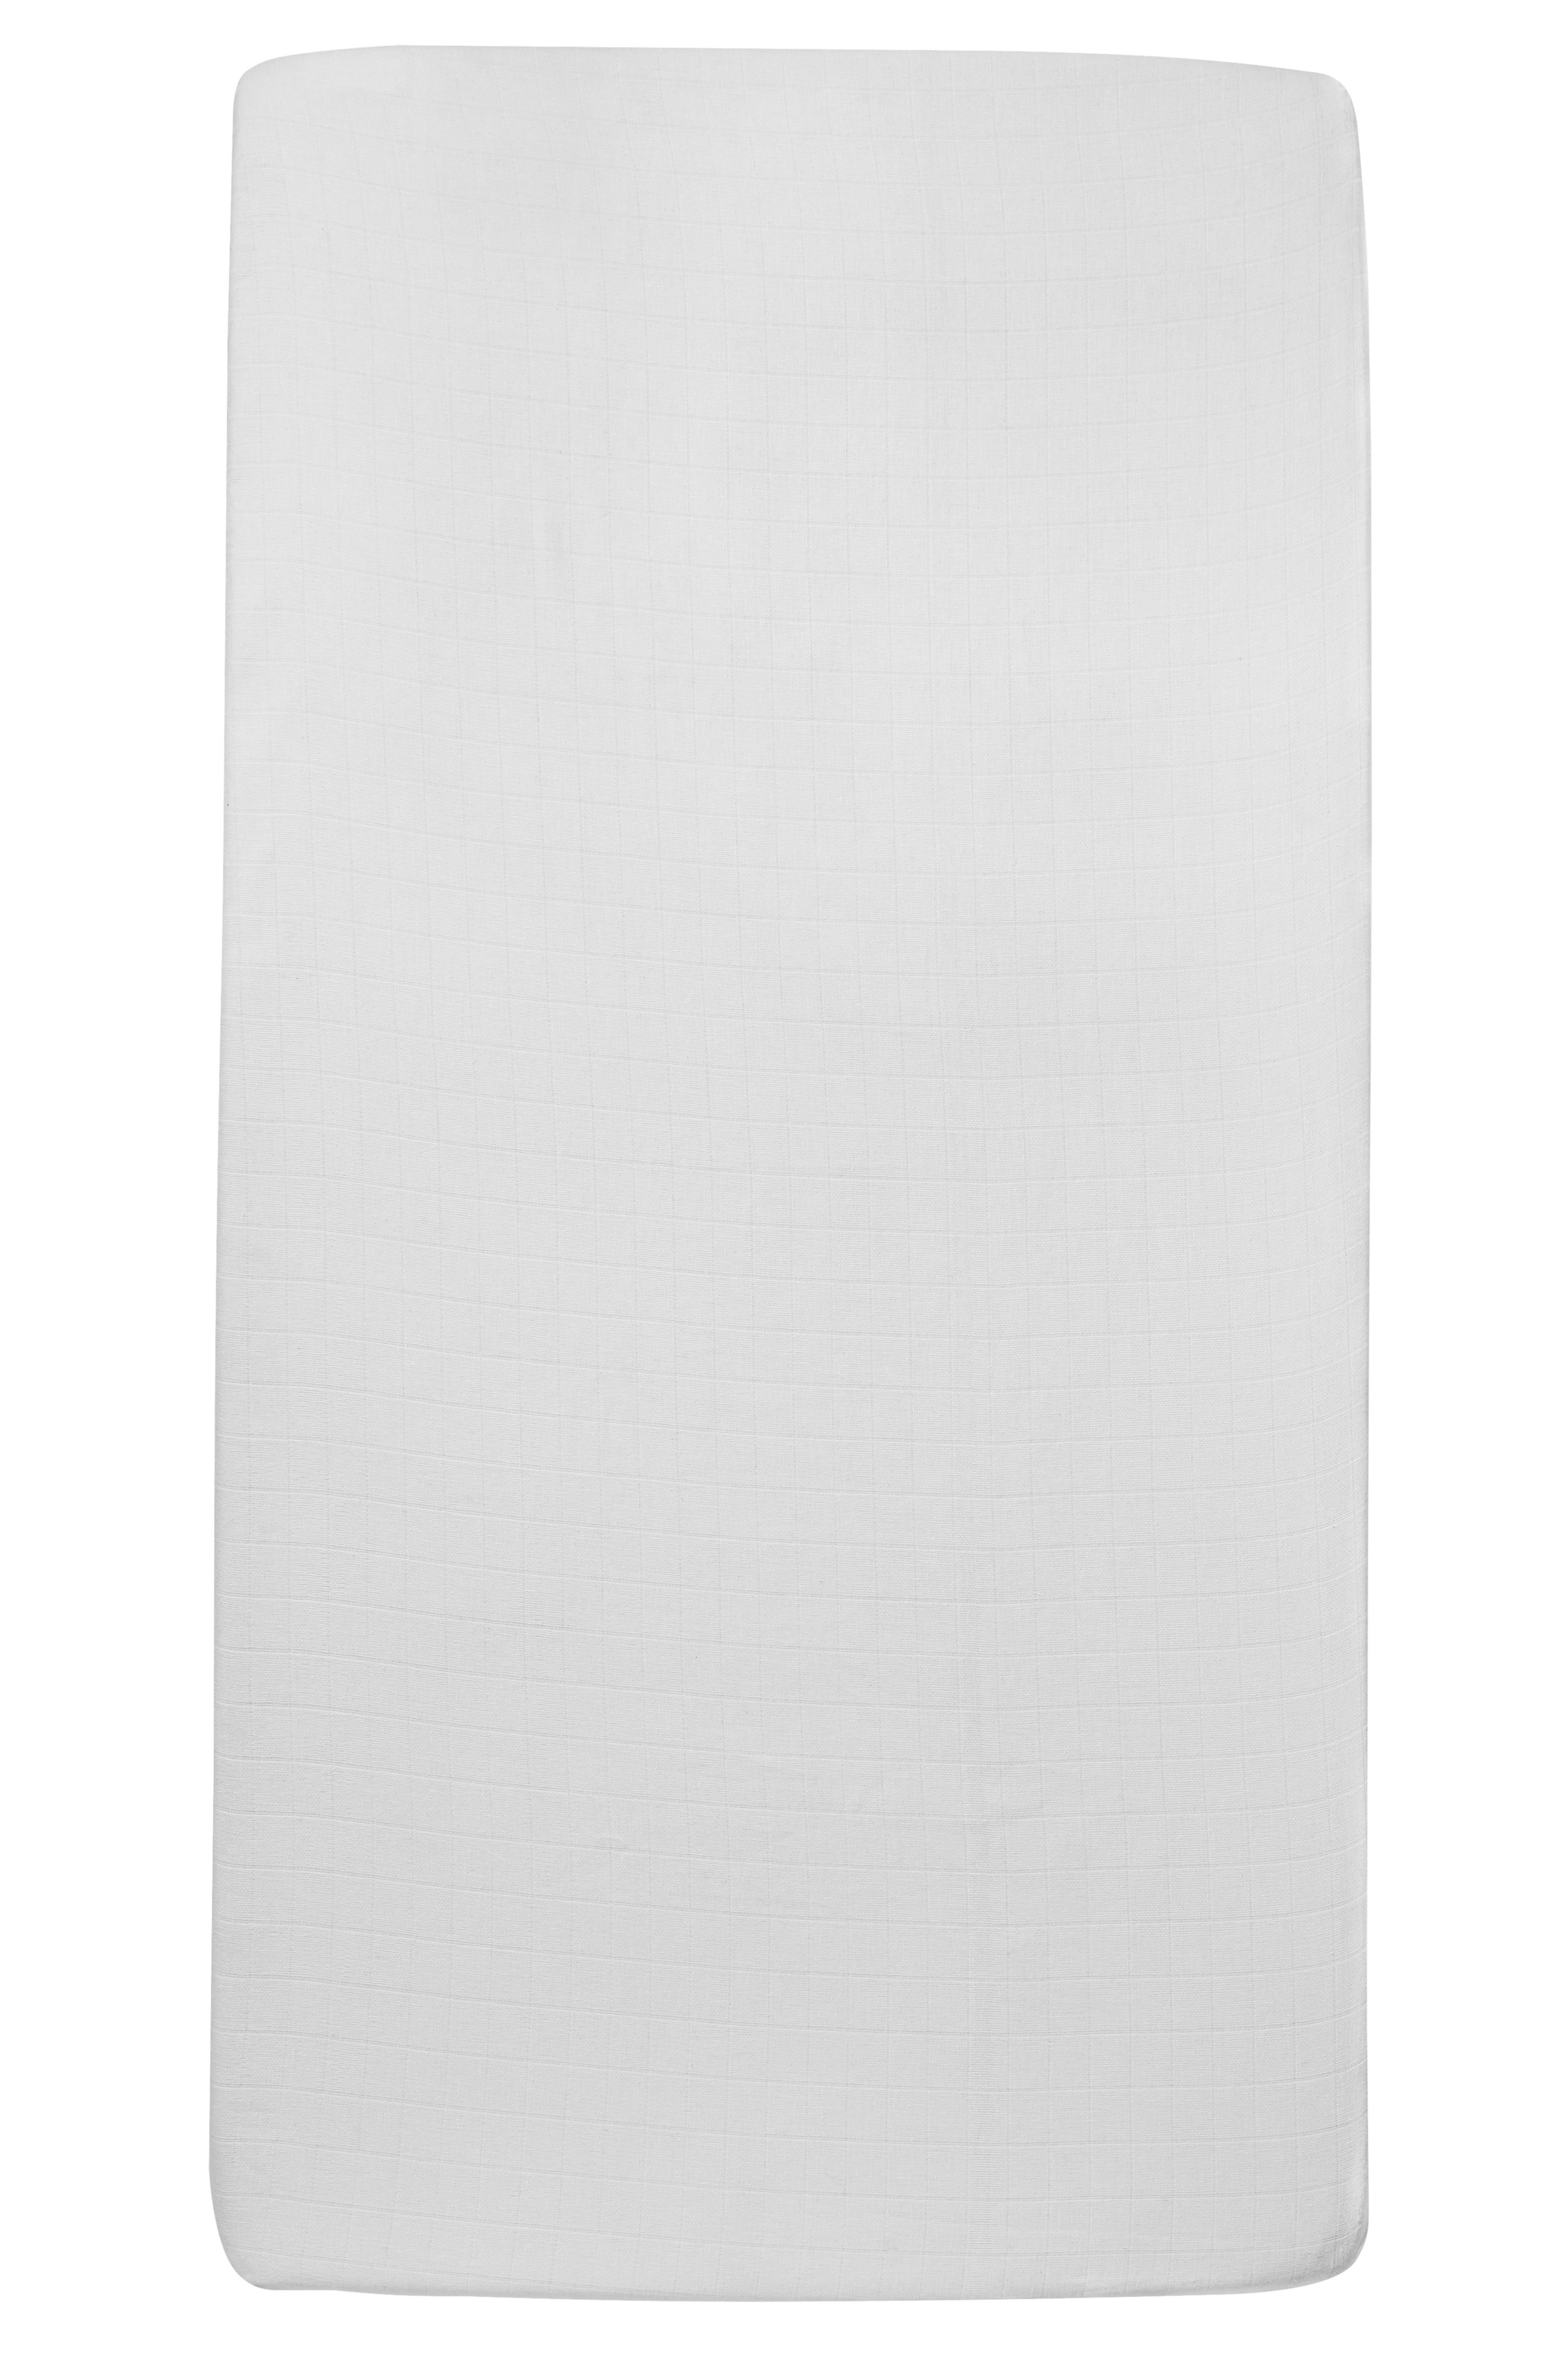 Hydrofiel Hoeslaken - 70x140/150cm